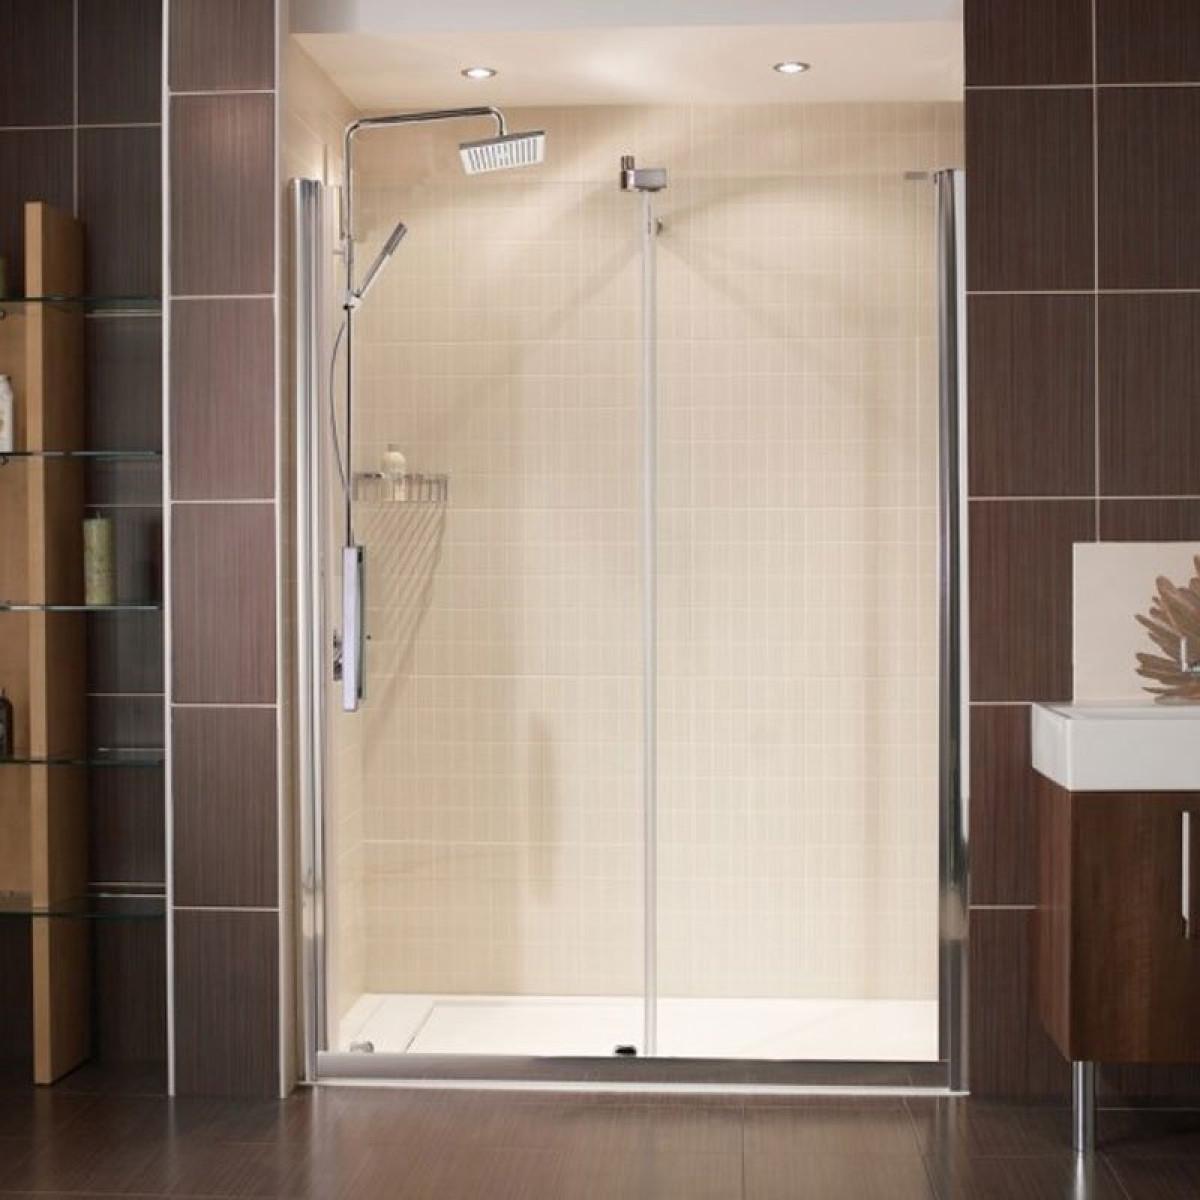 Bathroom Shower Sliding Doors: Roman Desire 1400mm Frameless Sliding Shower Door